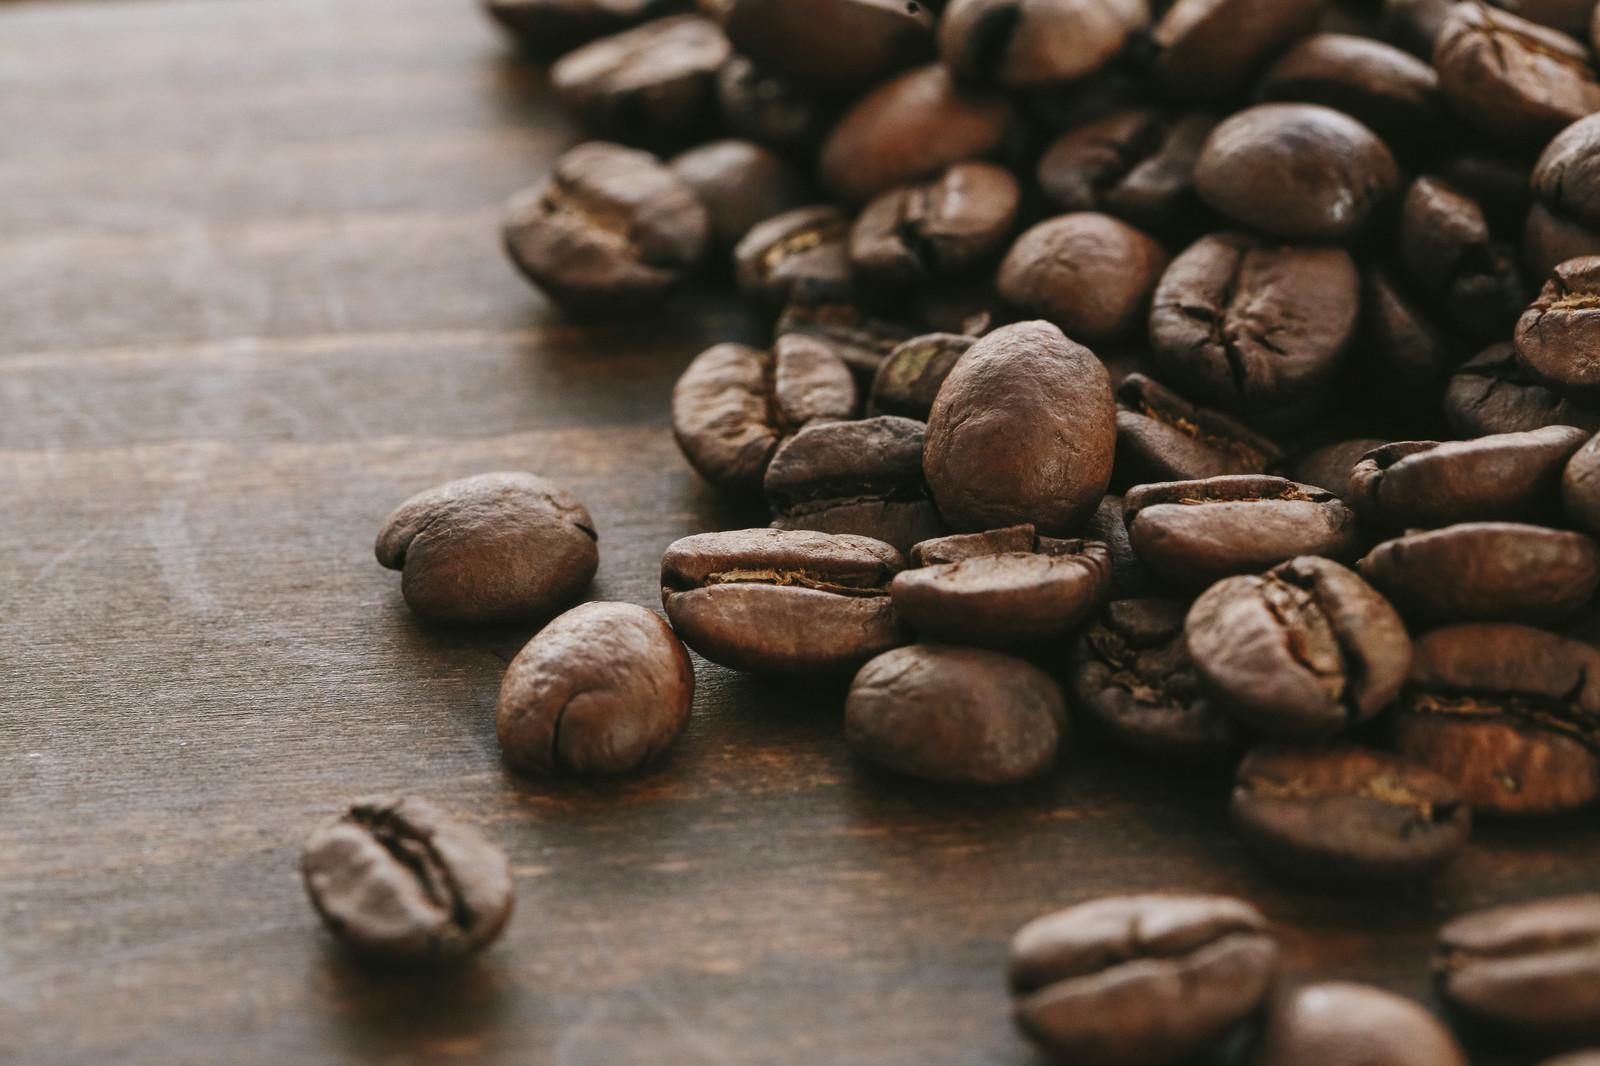 カルディの人気商品17選!おすすめのコーヒーなど売れ筋を徹底調査!